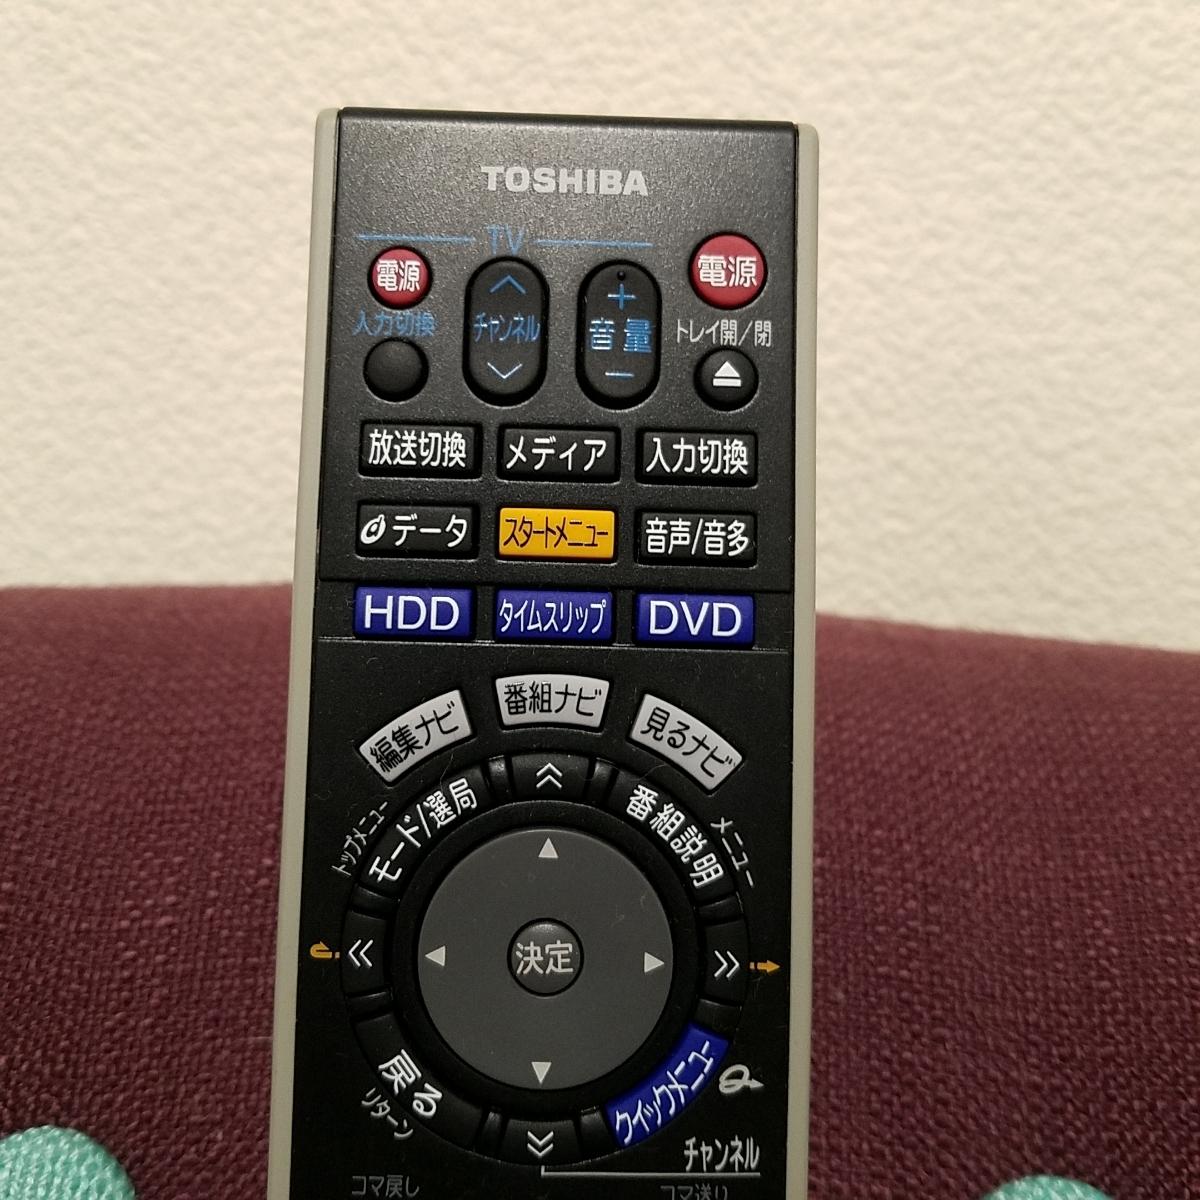 【美品】東芝 TOSHIBA レコーダー リモコン SE-R0250_画像2